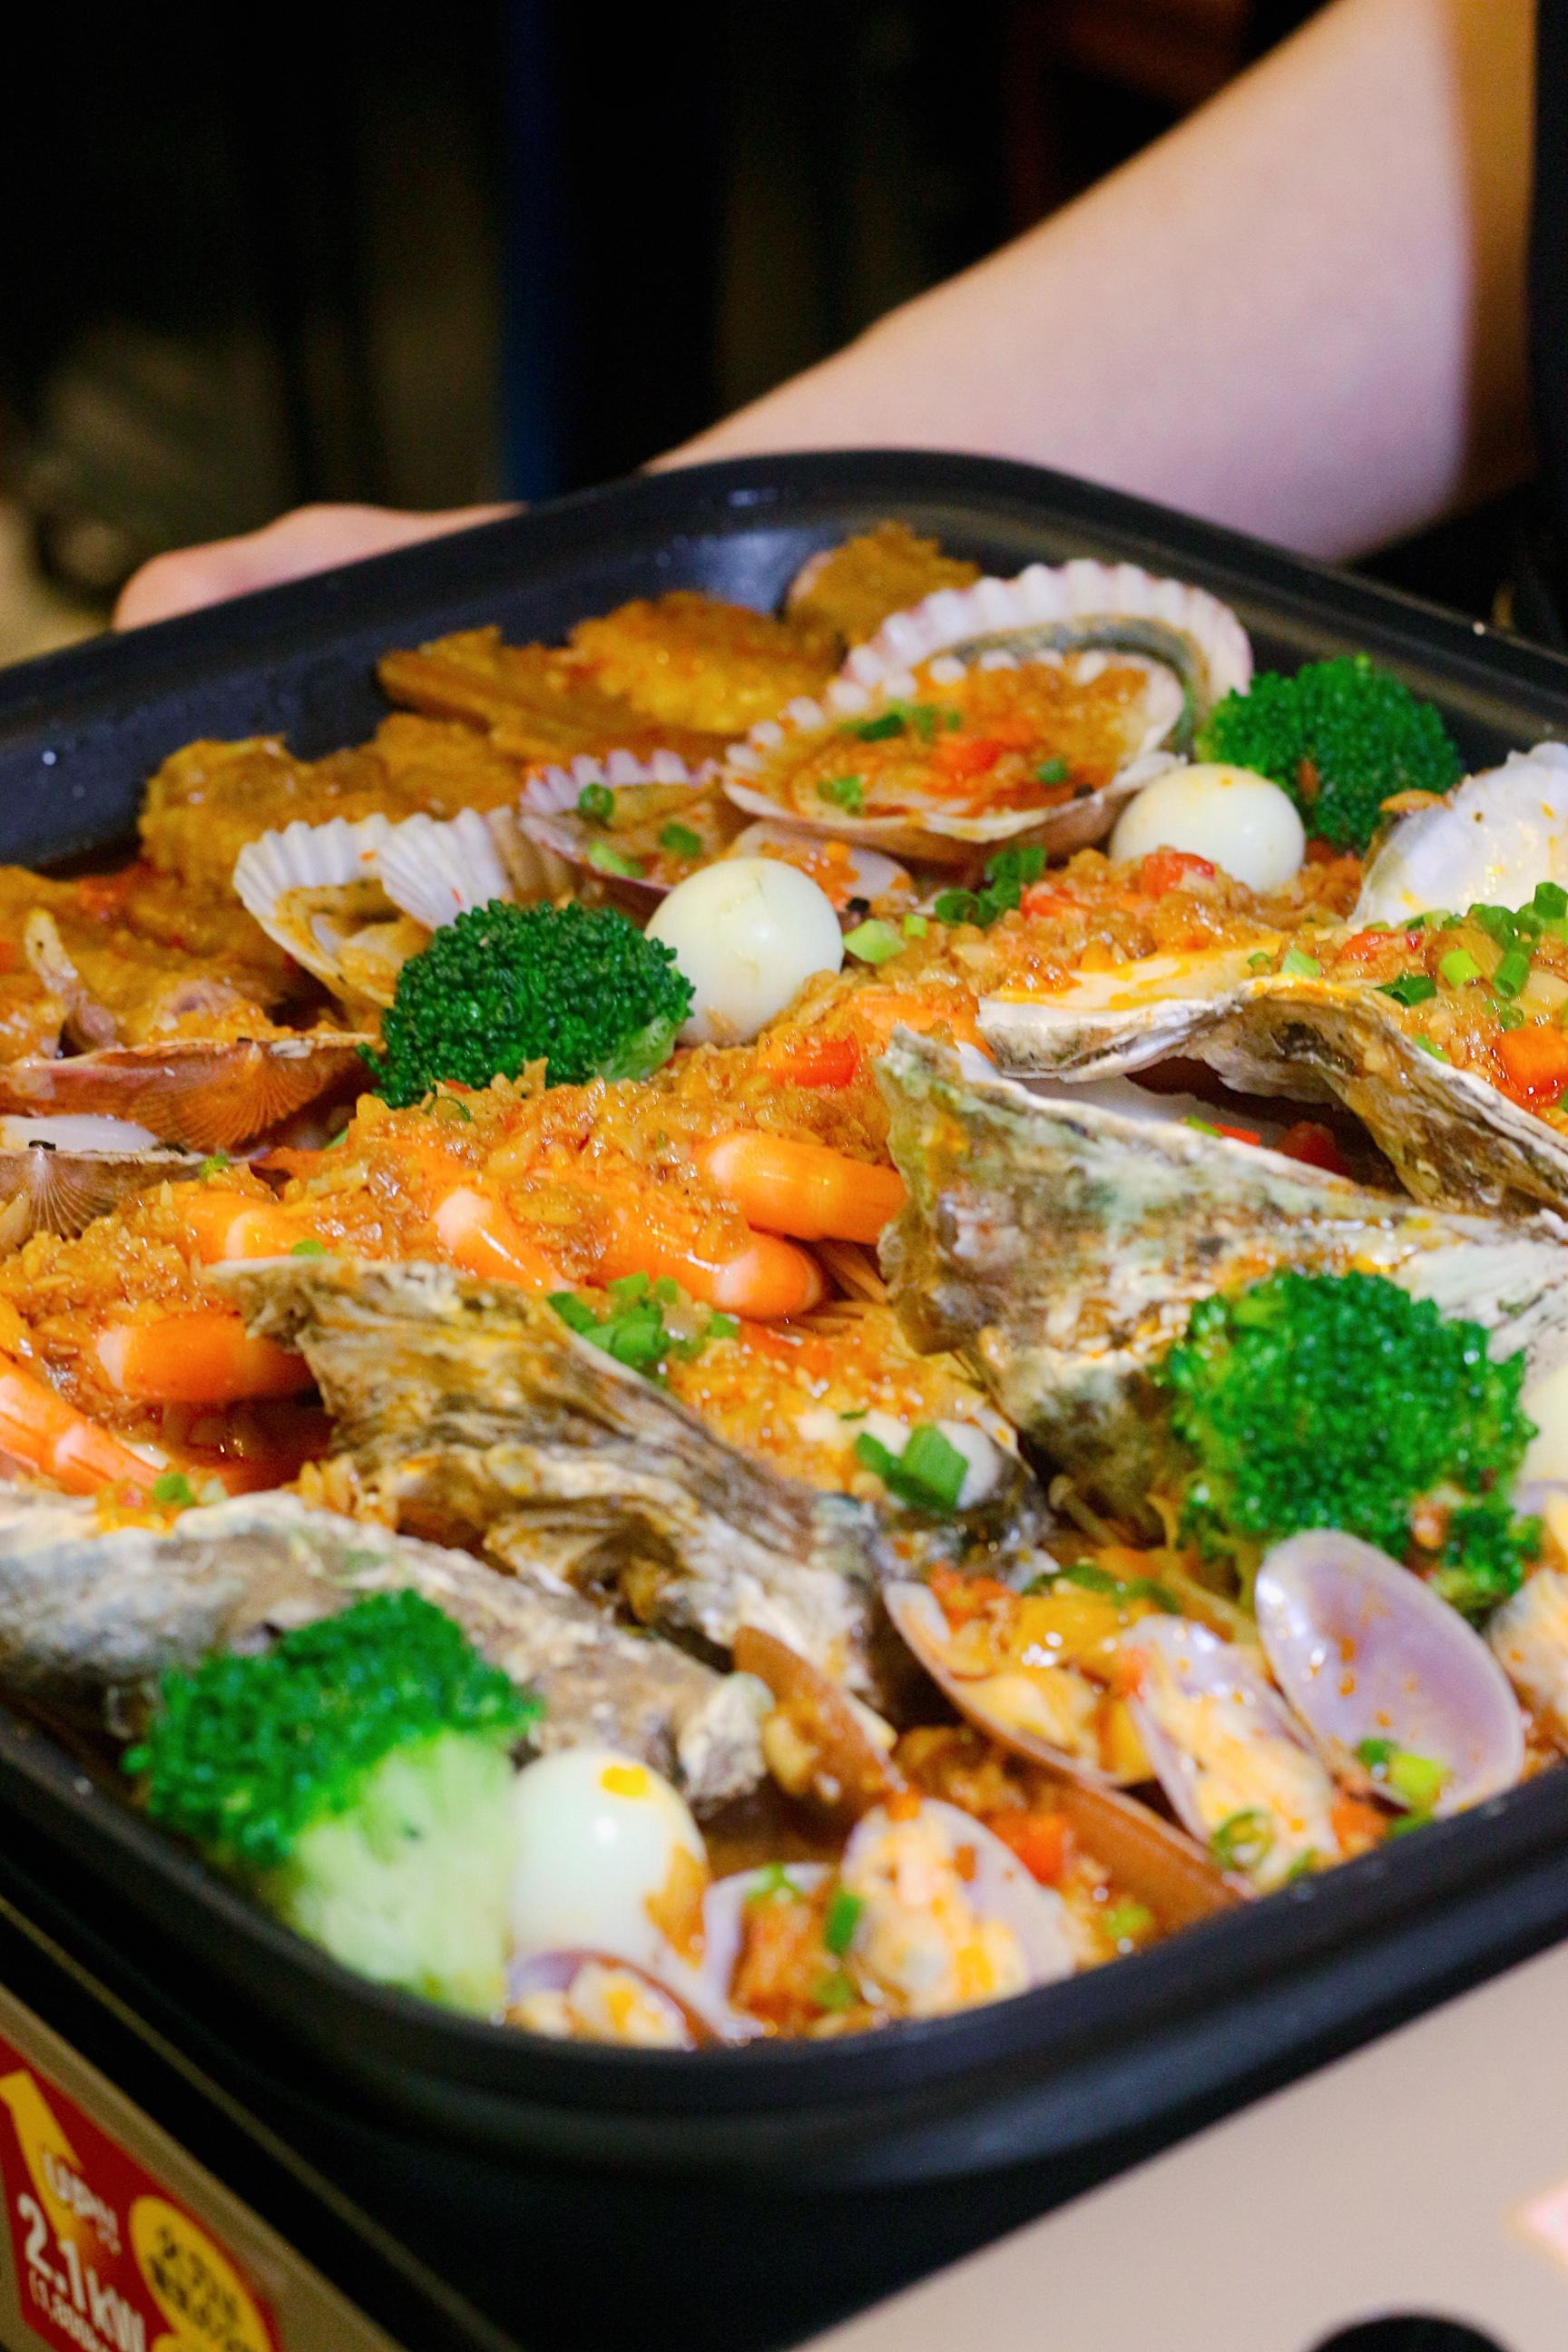 干锅➕火锅双结合,点火锅免费送涮菜,人均30+就能吃火锅❗